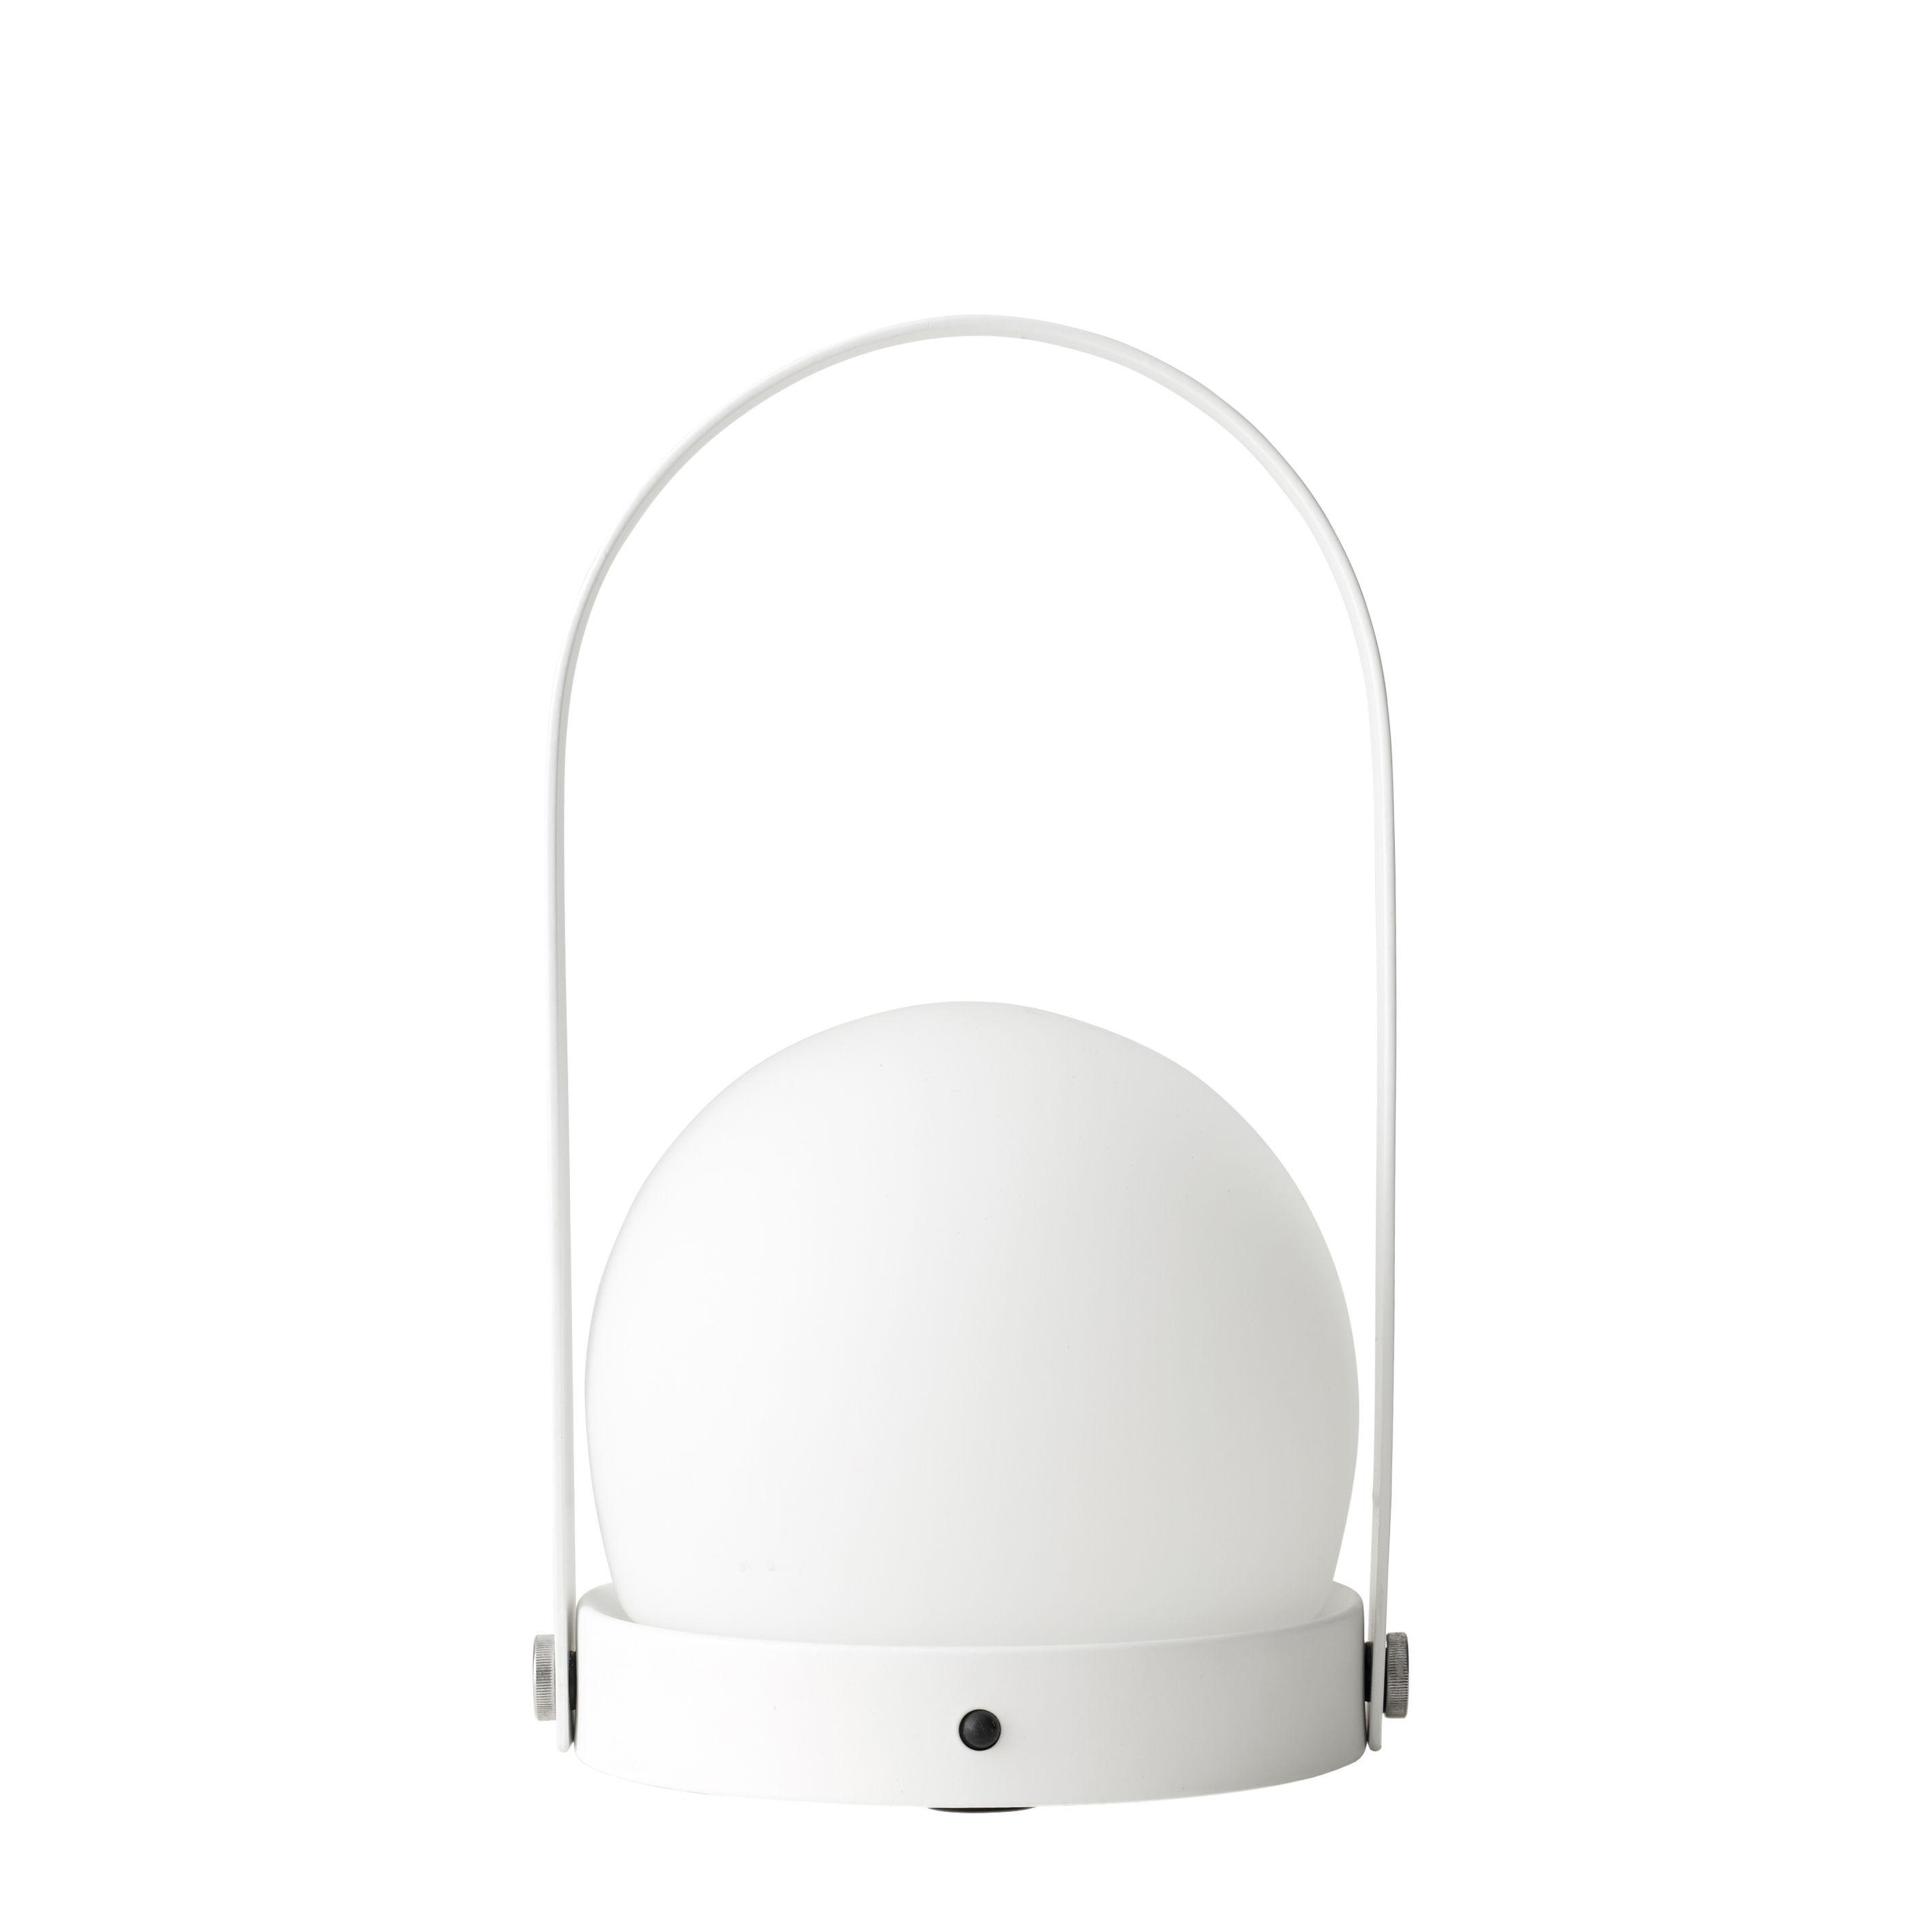 Leuchten - Tischleuchten - Carrie LED Lampe ohne Kabel / mit USB-Ladeport - Metall & Glas - Menu - Weiß - Opalglas, Pulverbeschichteter Stahl